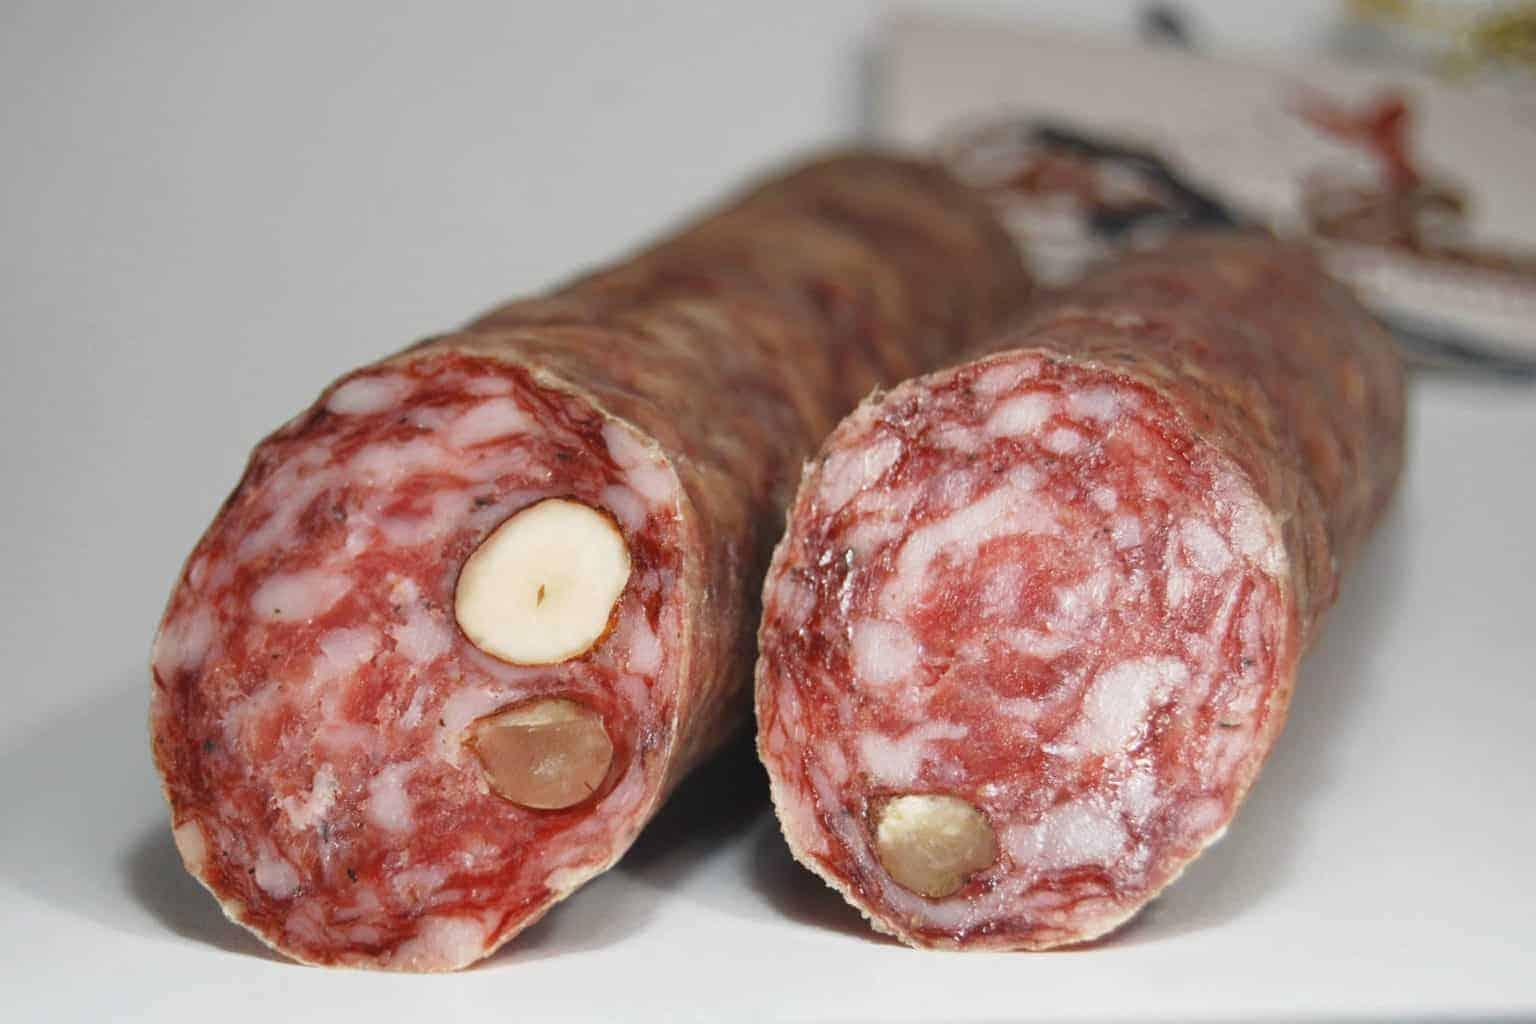 Ahle Wurscht betekent zoiets als oude worst, het is een specialitei in Hann. Münden